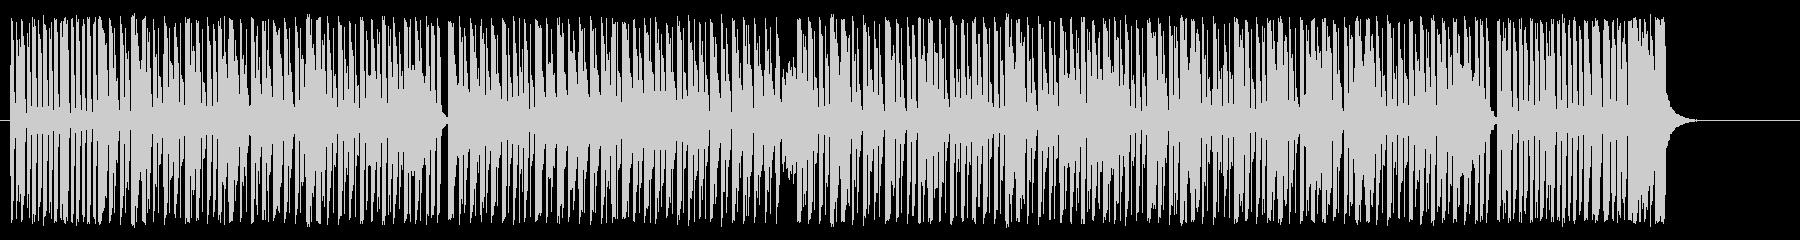 サーカスをイメージした楽しげなBGMの未再生の波形